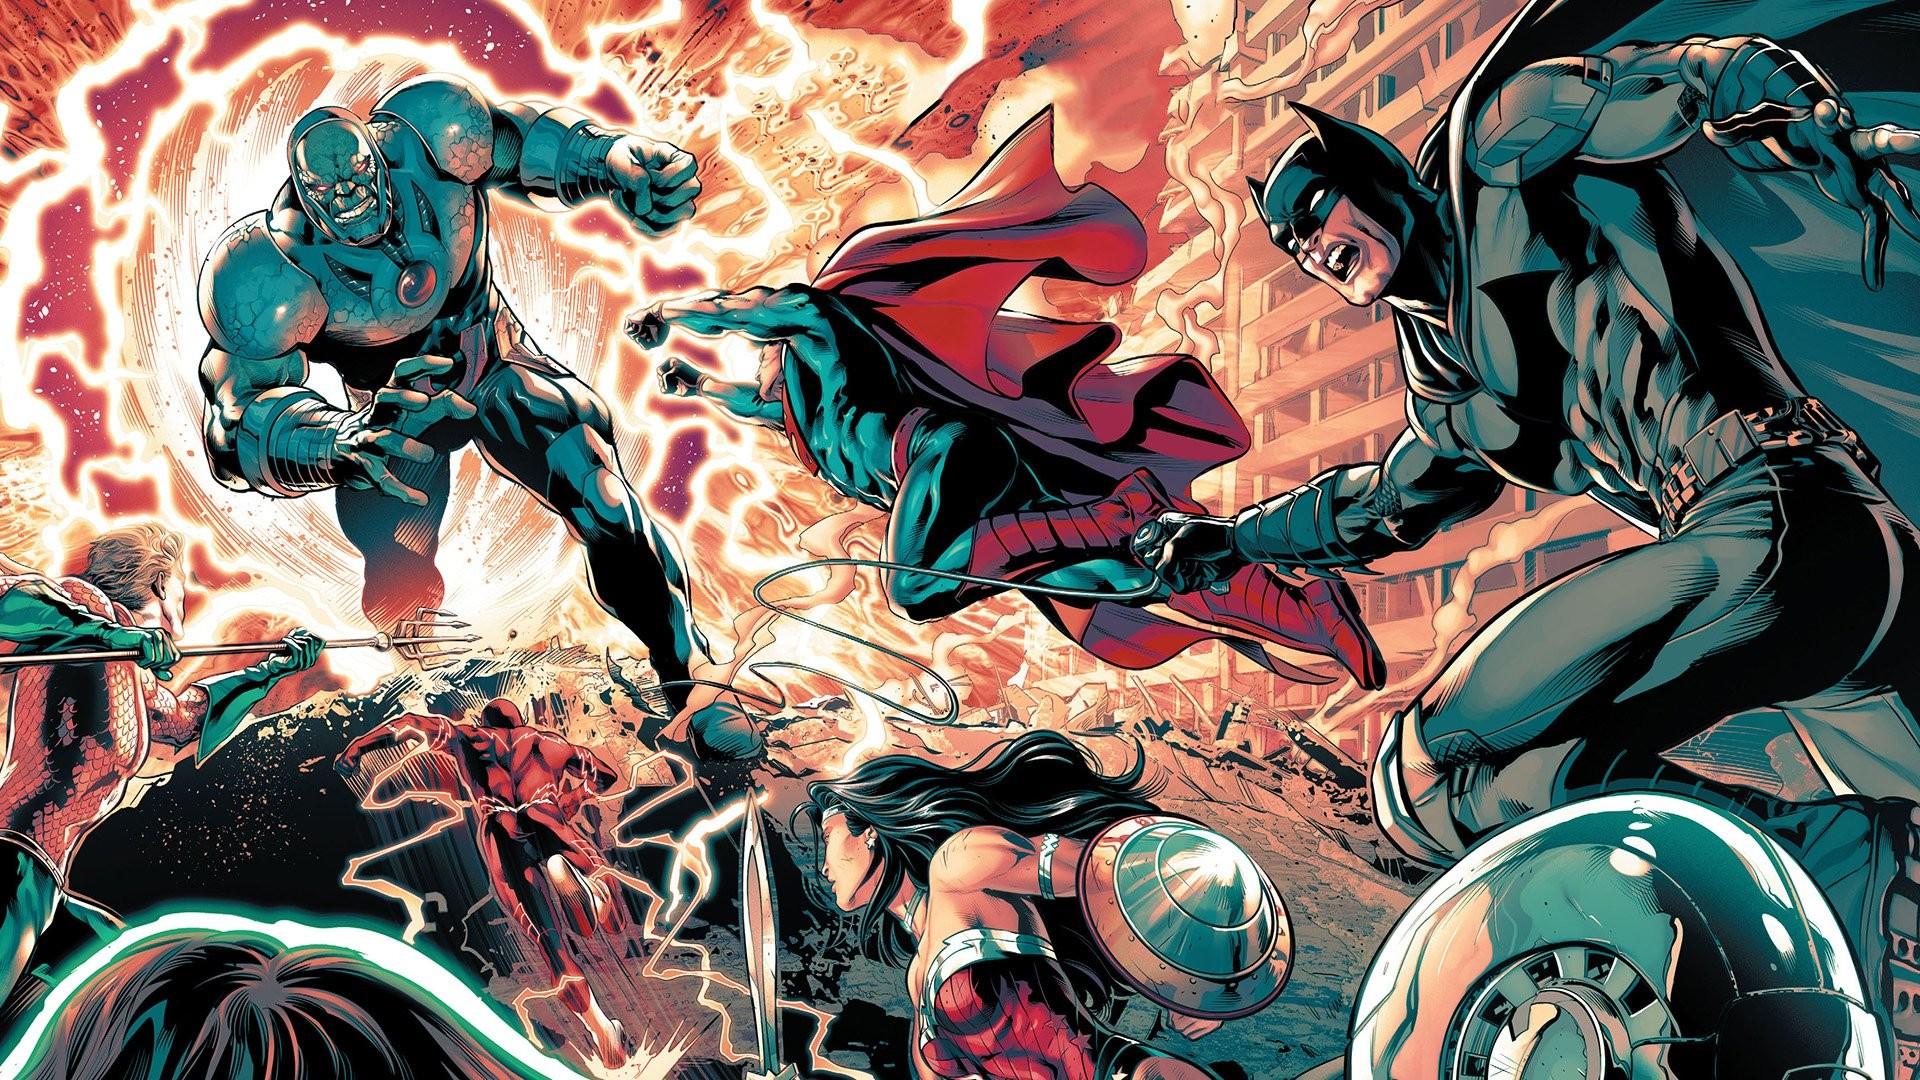 1920x1080 Justice League Justice League Comic Art 1121858